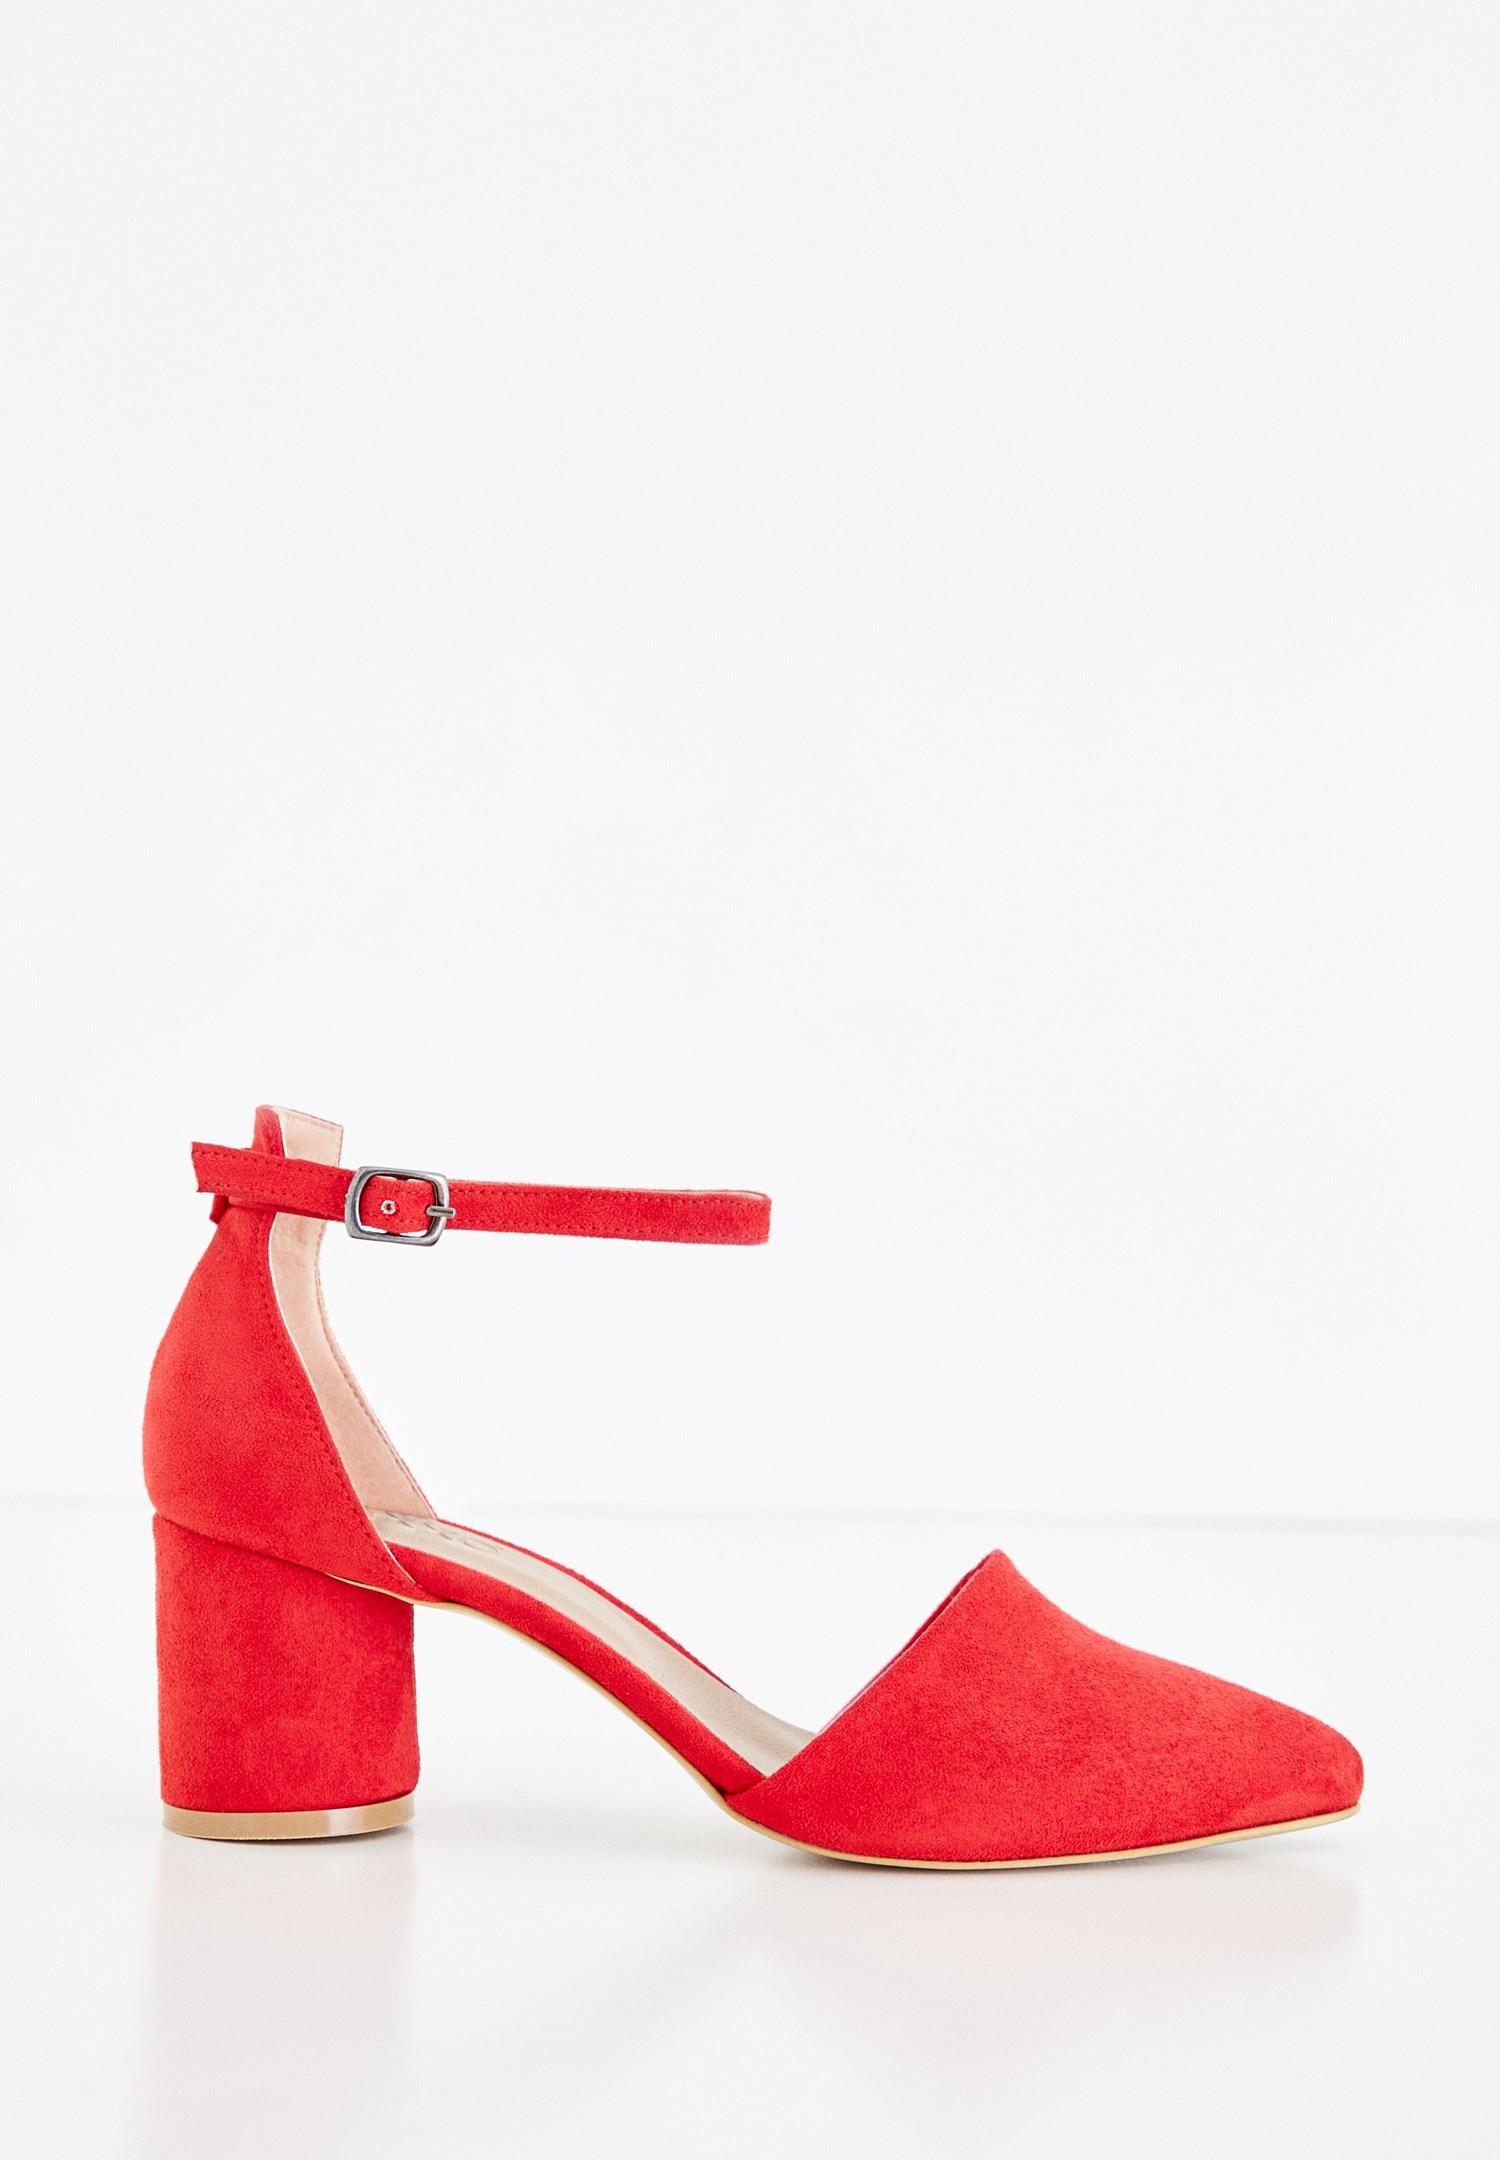 Bayan Kırmızı Toka Detaylı Yuvarlak Topuklu Ayakkabı